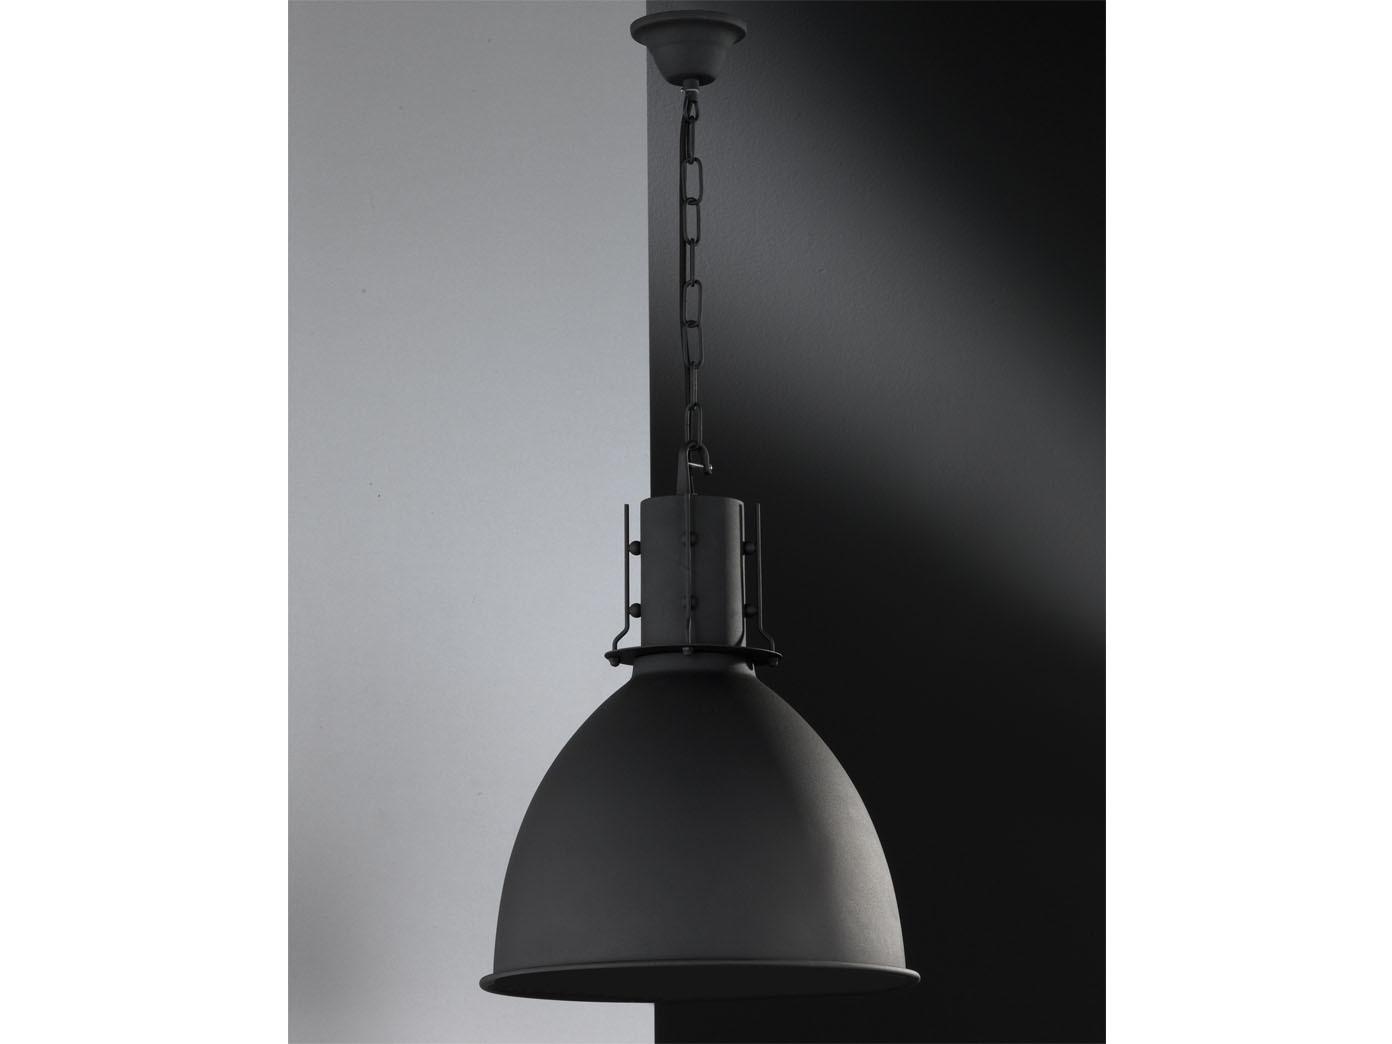 pendelleuchte h ngeleuchte lampe london metall schwarz. Black Bedroom Furniture Sets. Home Design Ideas